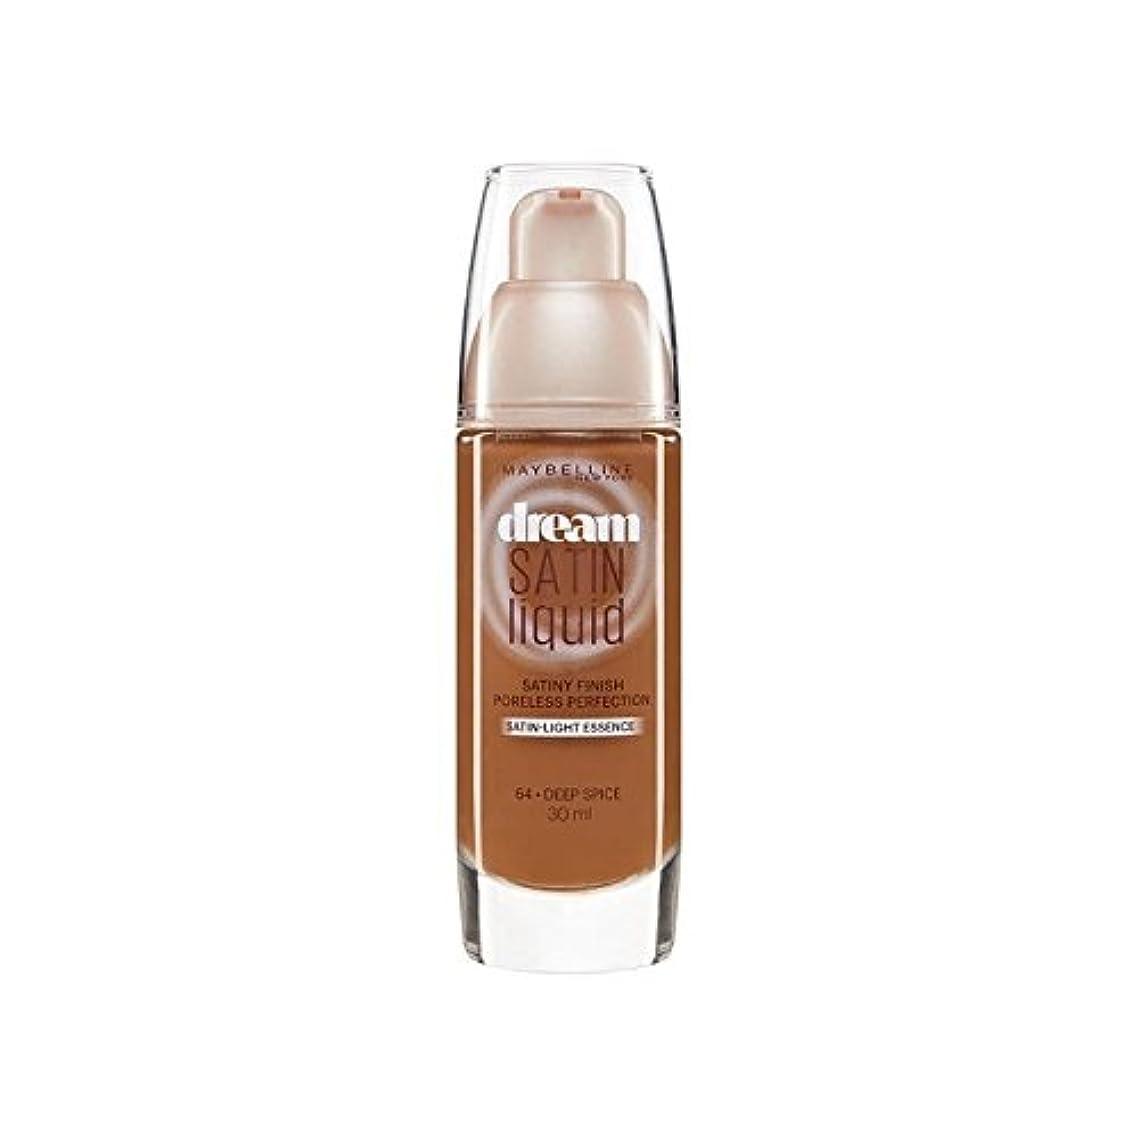 ポーンメイエラ全能メイベリン夢のサテンのリキッドファンデーション62白檀30ミリリットル x2 - Maybelline Dream Satin Liquid Foundation 62 Sandalwood 30ml (Pack of 2) [並行輸入品]